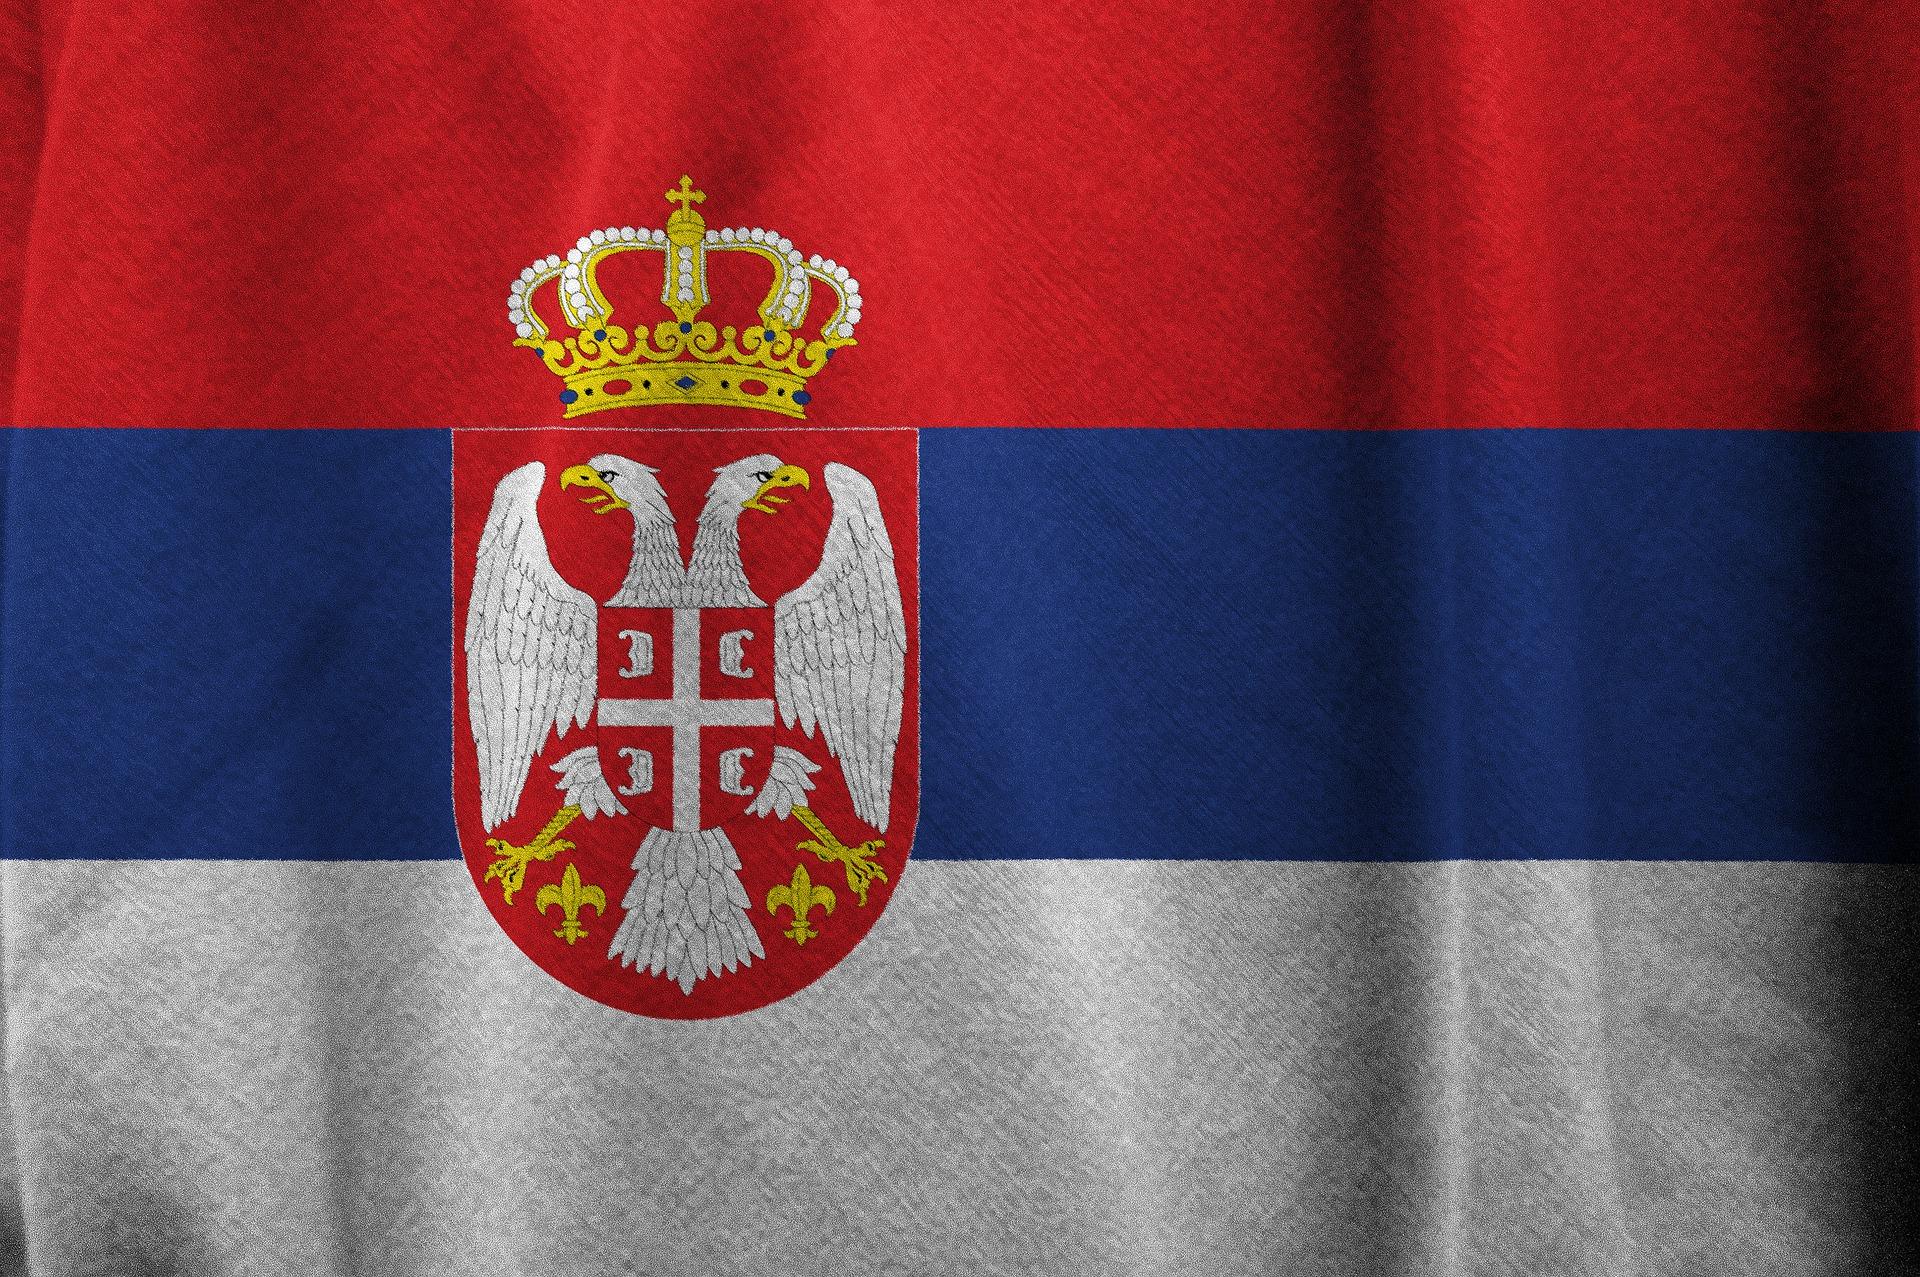 Trademark registration Serbia